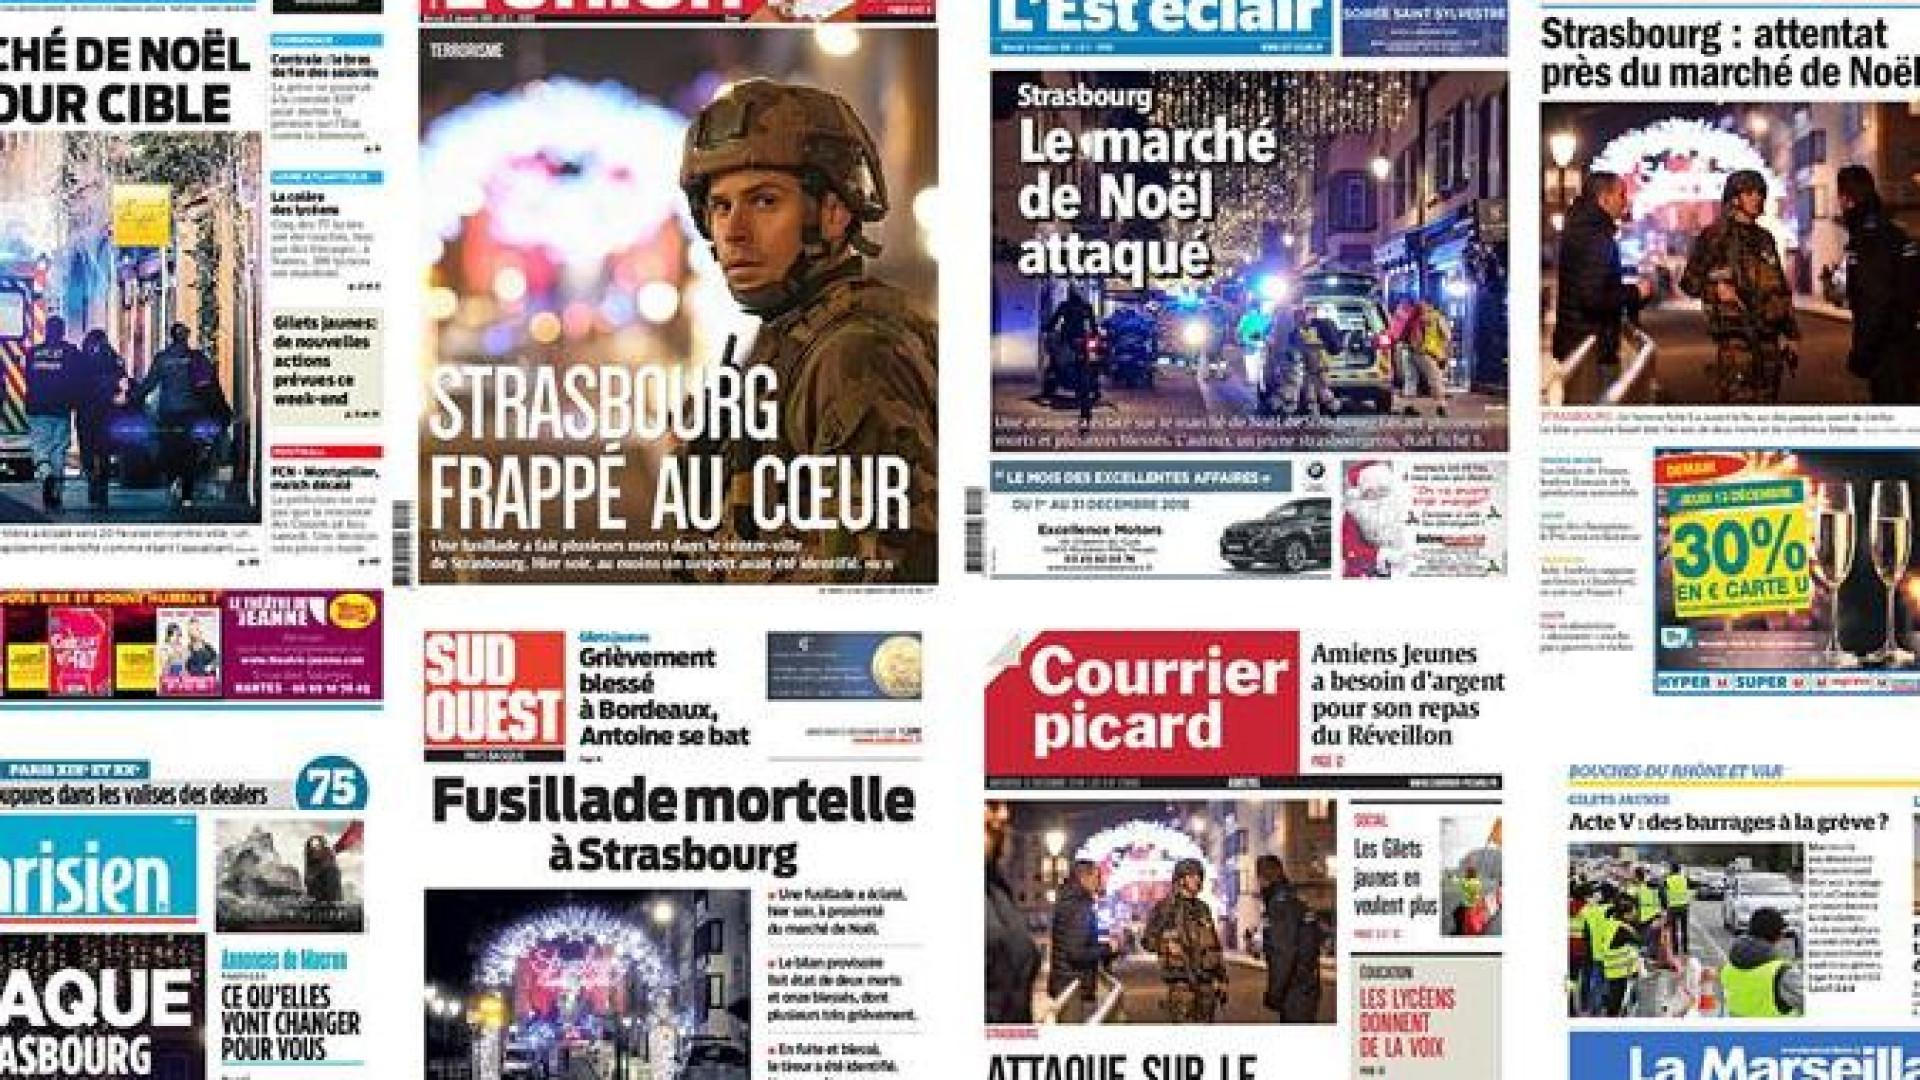 Assim reagiu a imprensa francesa ao ataque em Estrasburgo